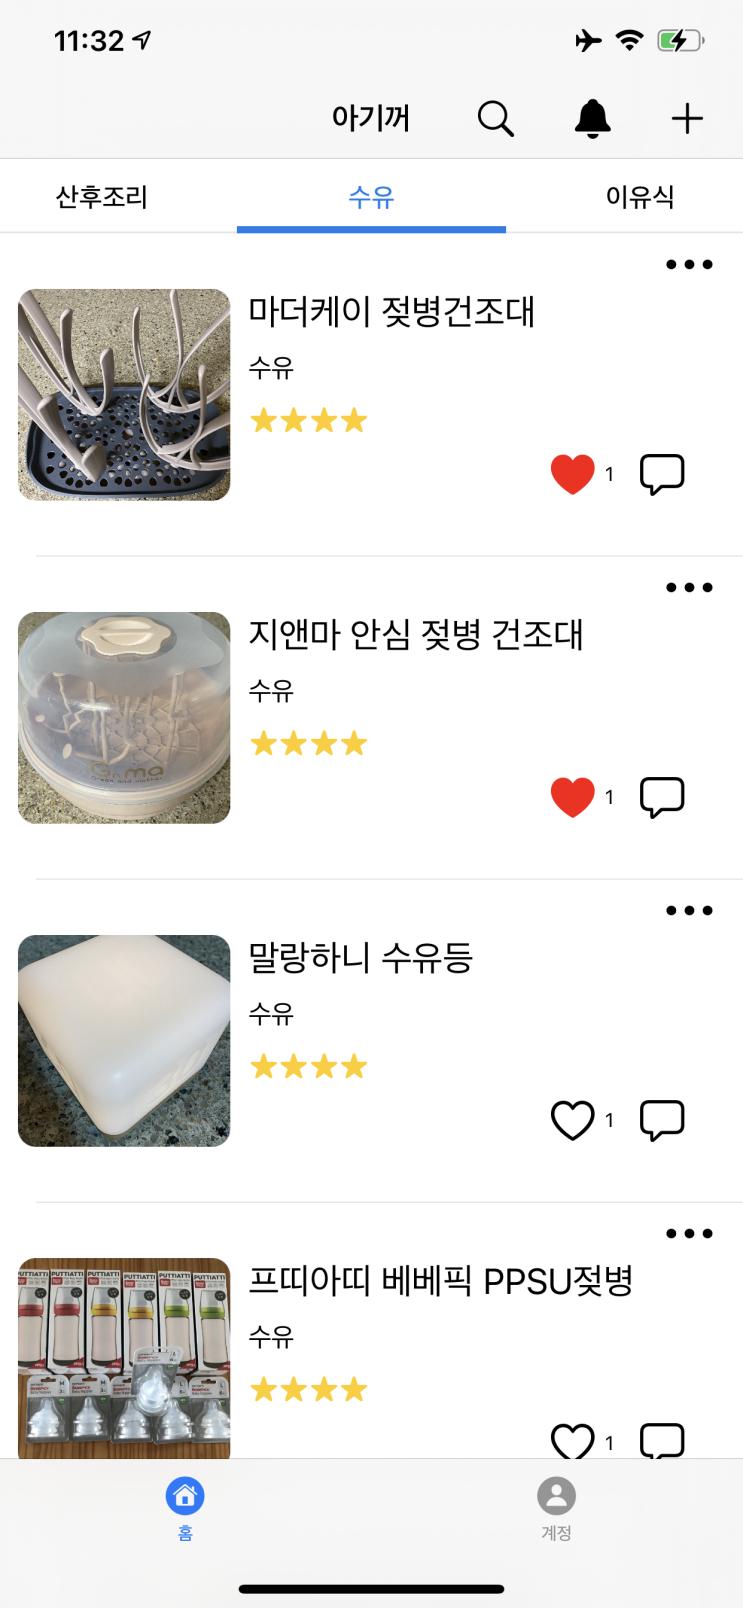 [IOS 유틸] 아기꺼: 고품질 아기 용품 후기 한시적 무료!